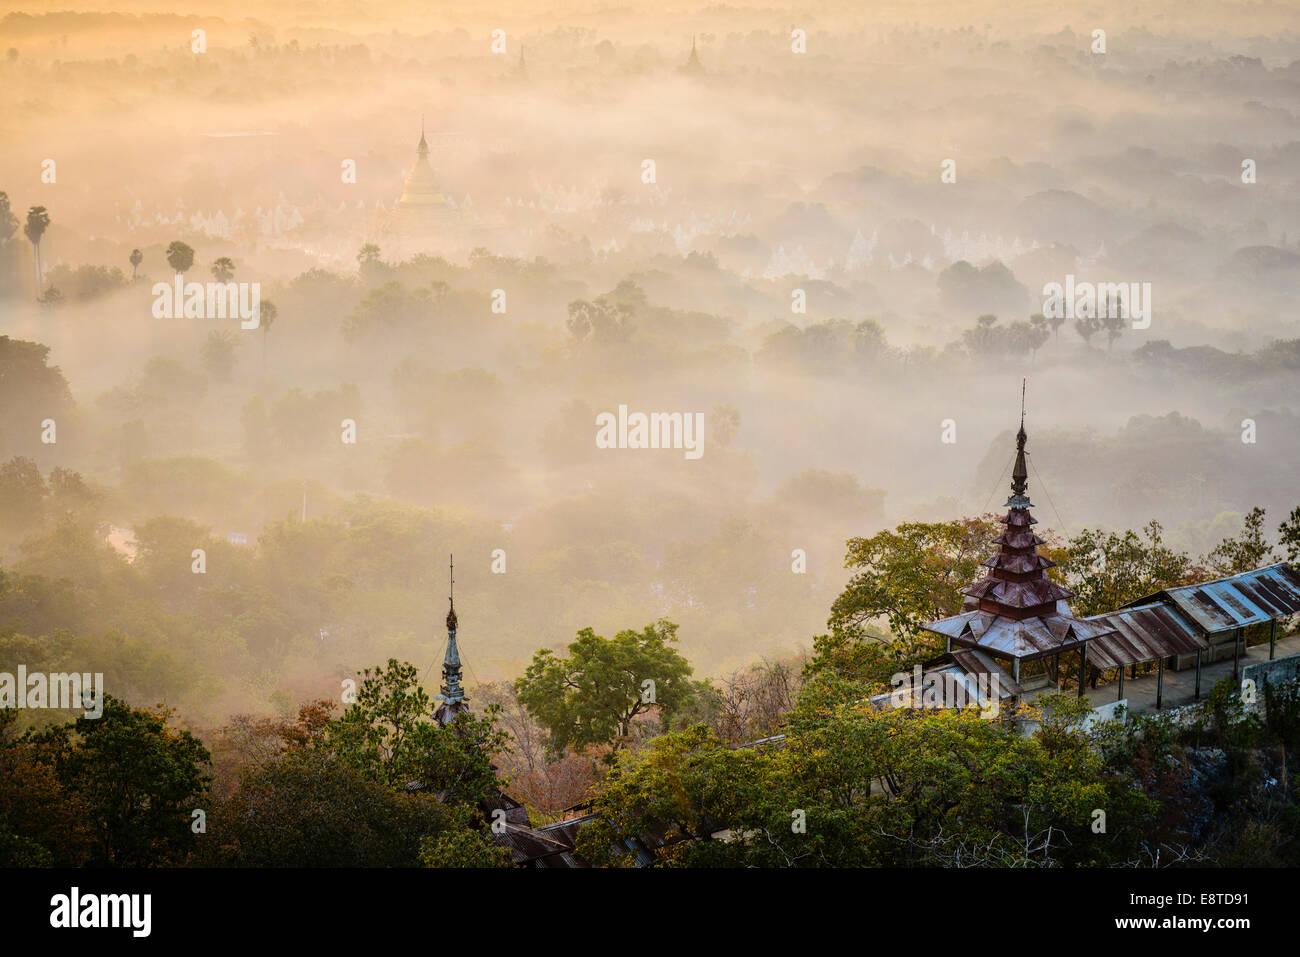 La niebla sobre las copas de los árboles, Mayanmar, Mandalay, Myanmar Imagen De Stock